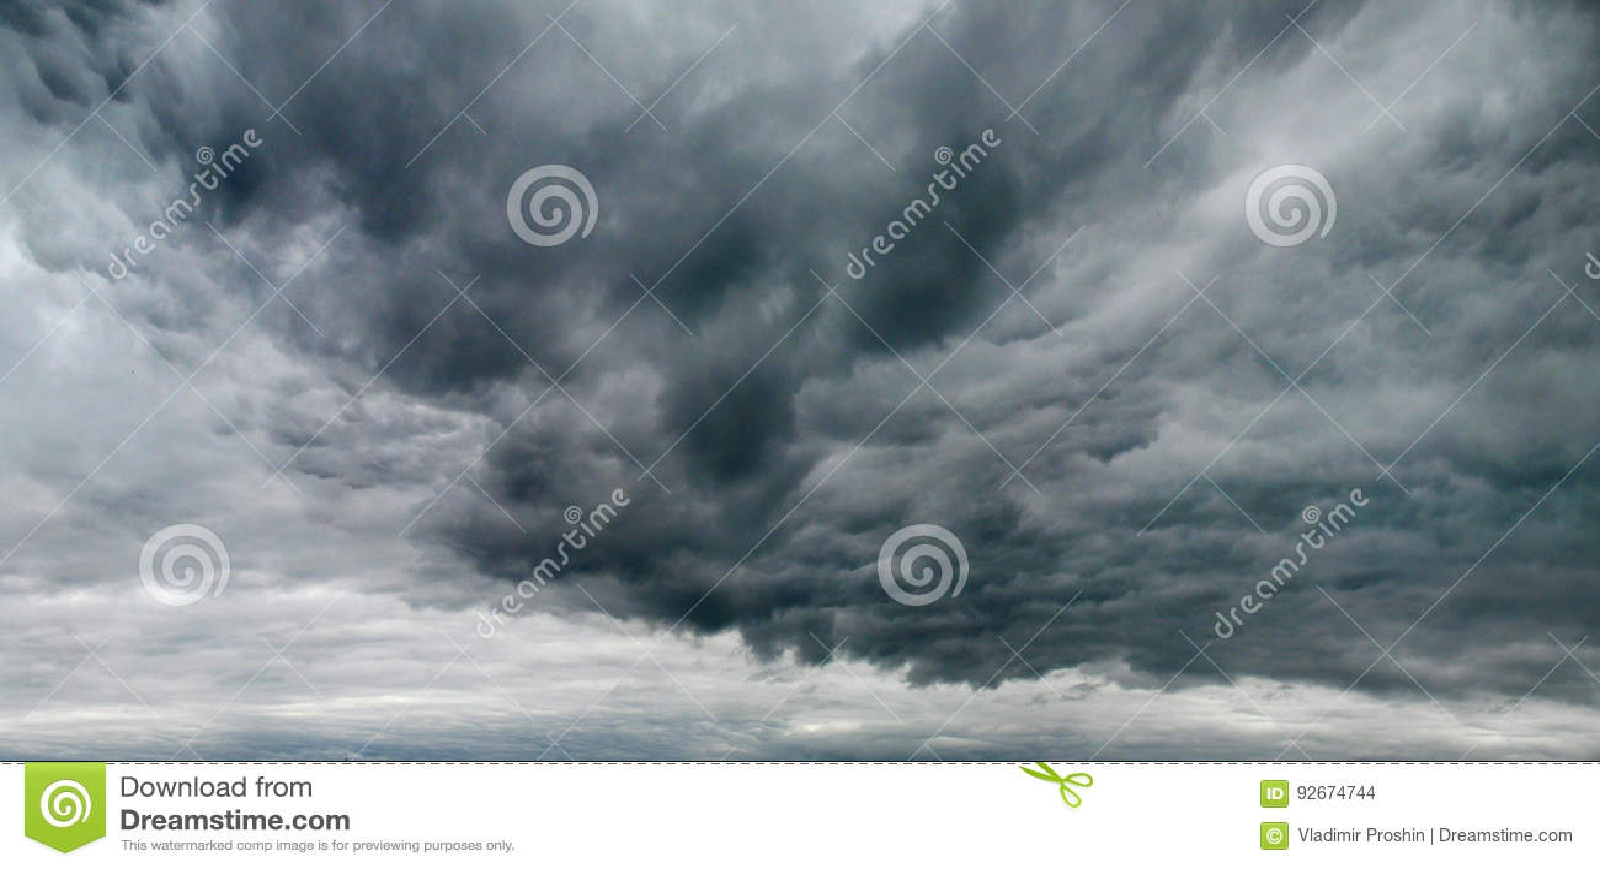 Düsterer Himmel mit Sturmwolken